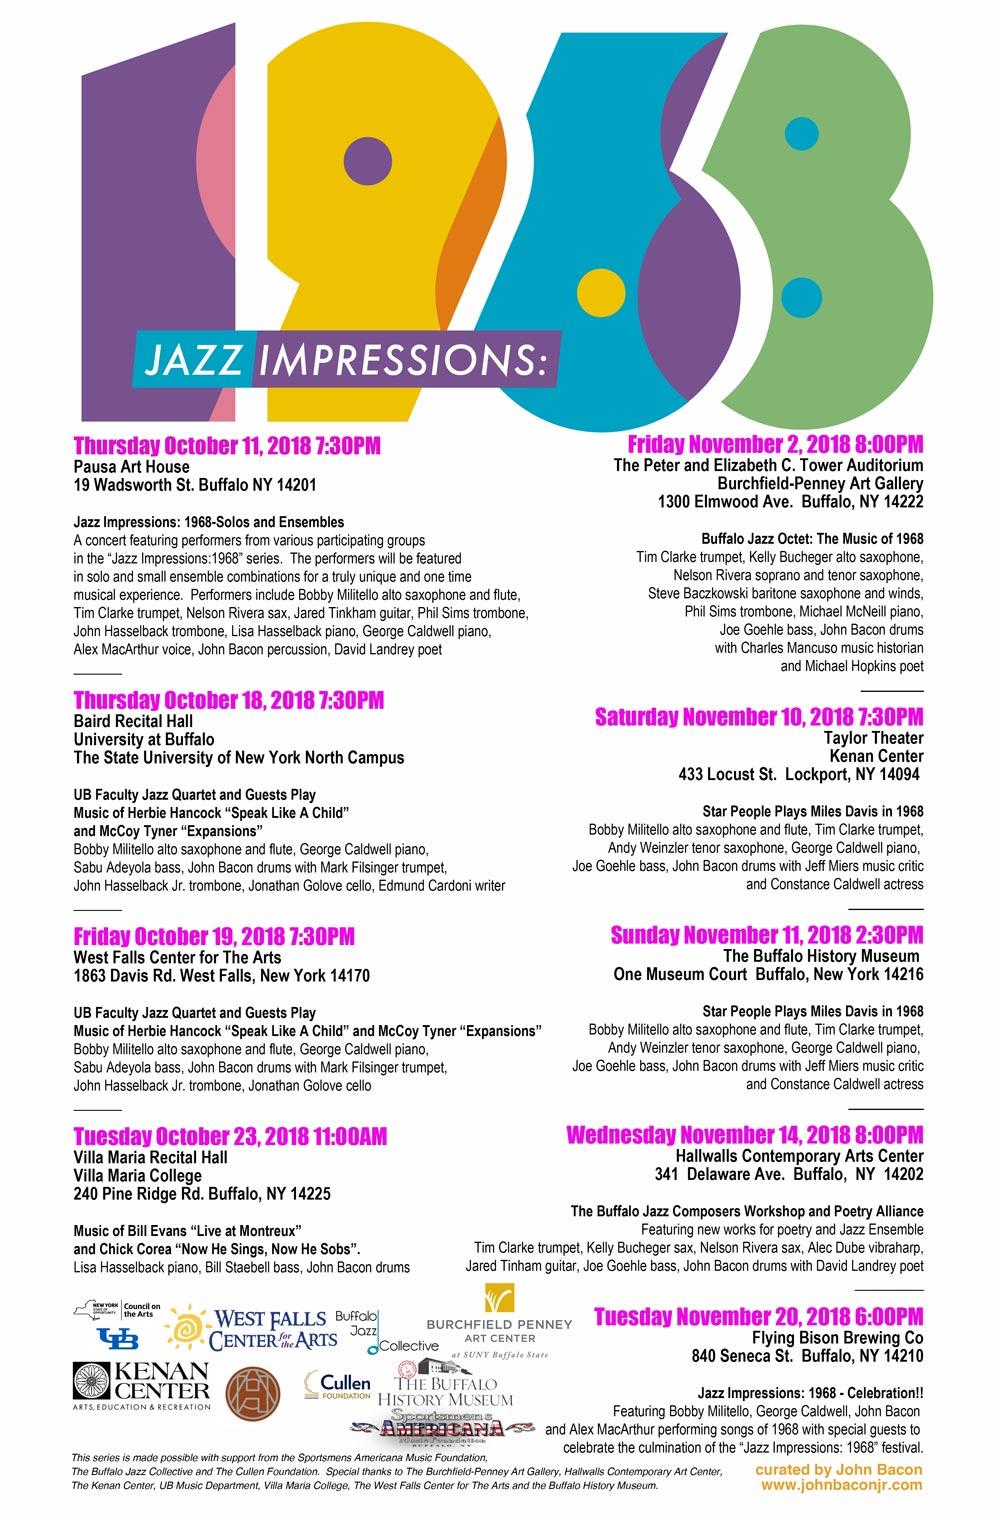 Jazz Impressions: 1968